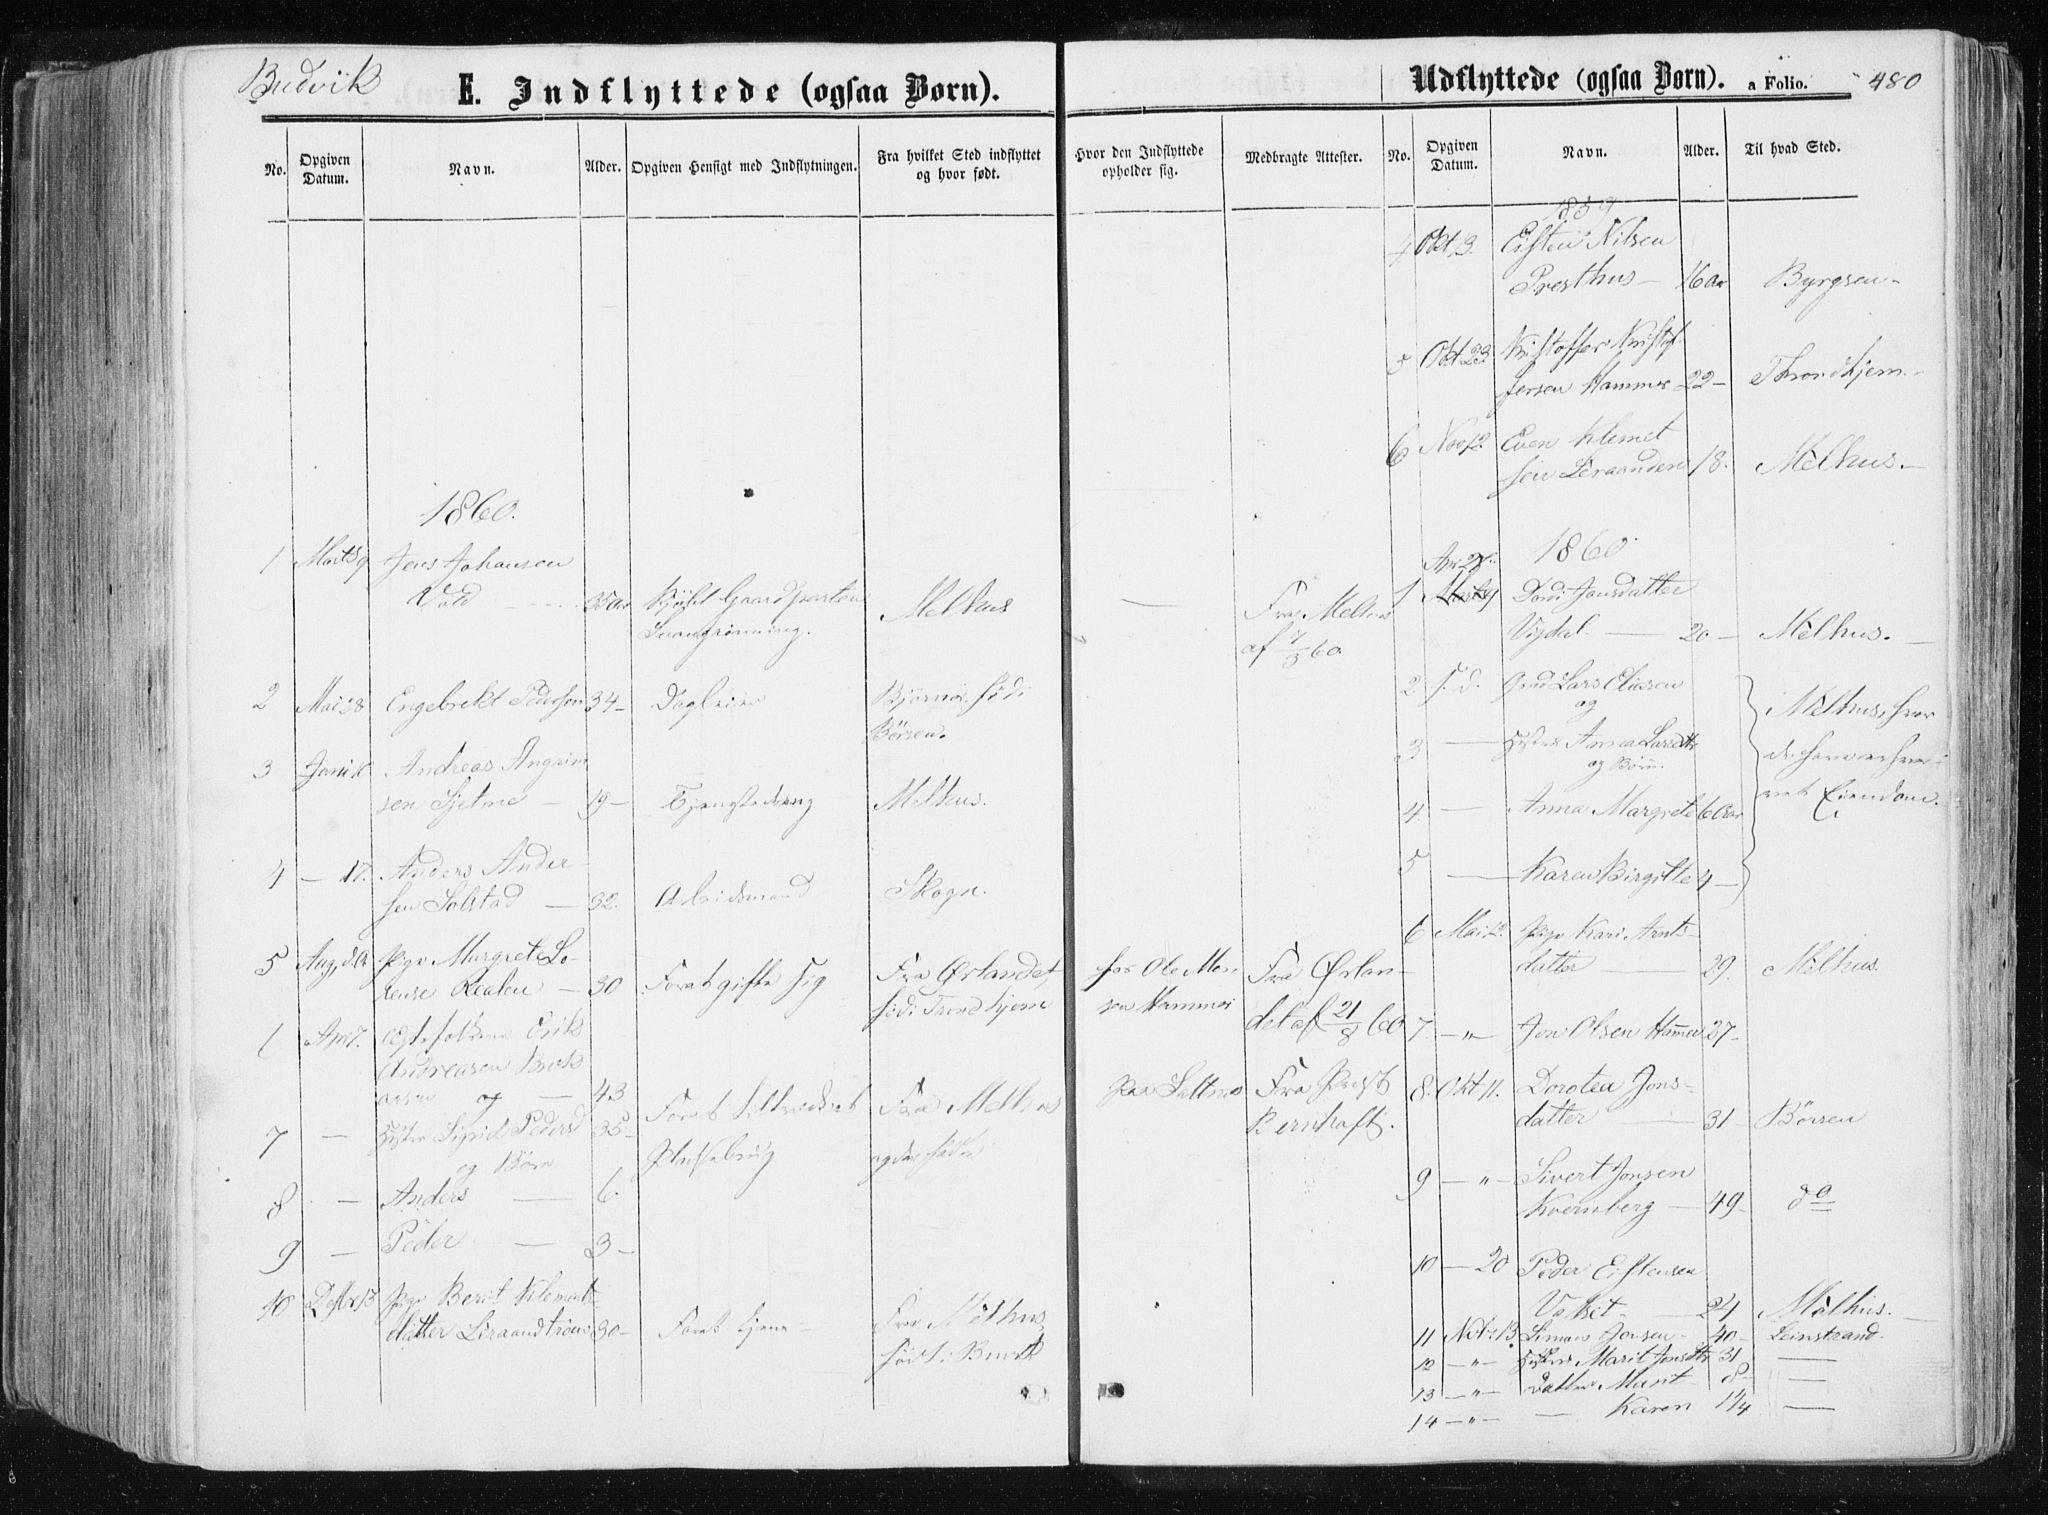 SAT, Ministerialprotokoller, klokkerbøker og fødselsregistre - Sør-Trøndelag, 612/L0377: Ministerialbok nr. 612A09, 1859-1877, s. 480